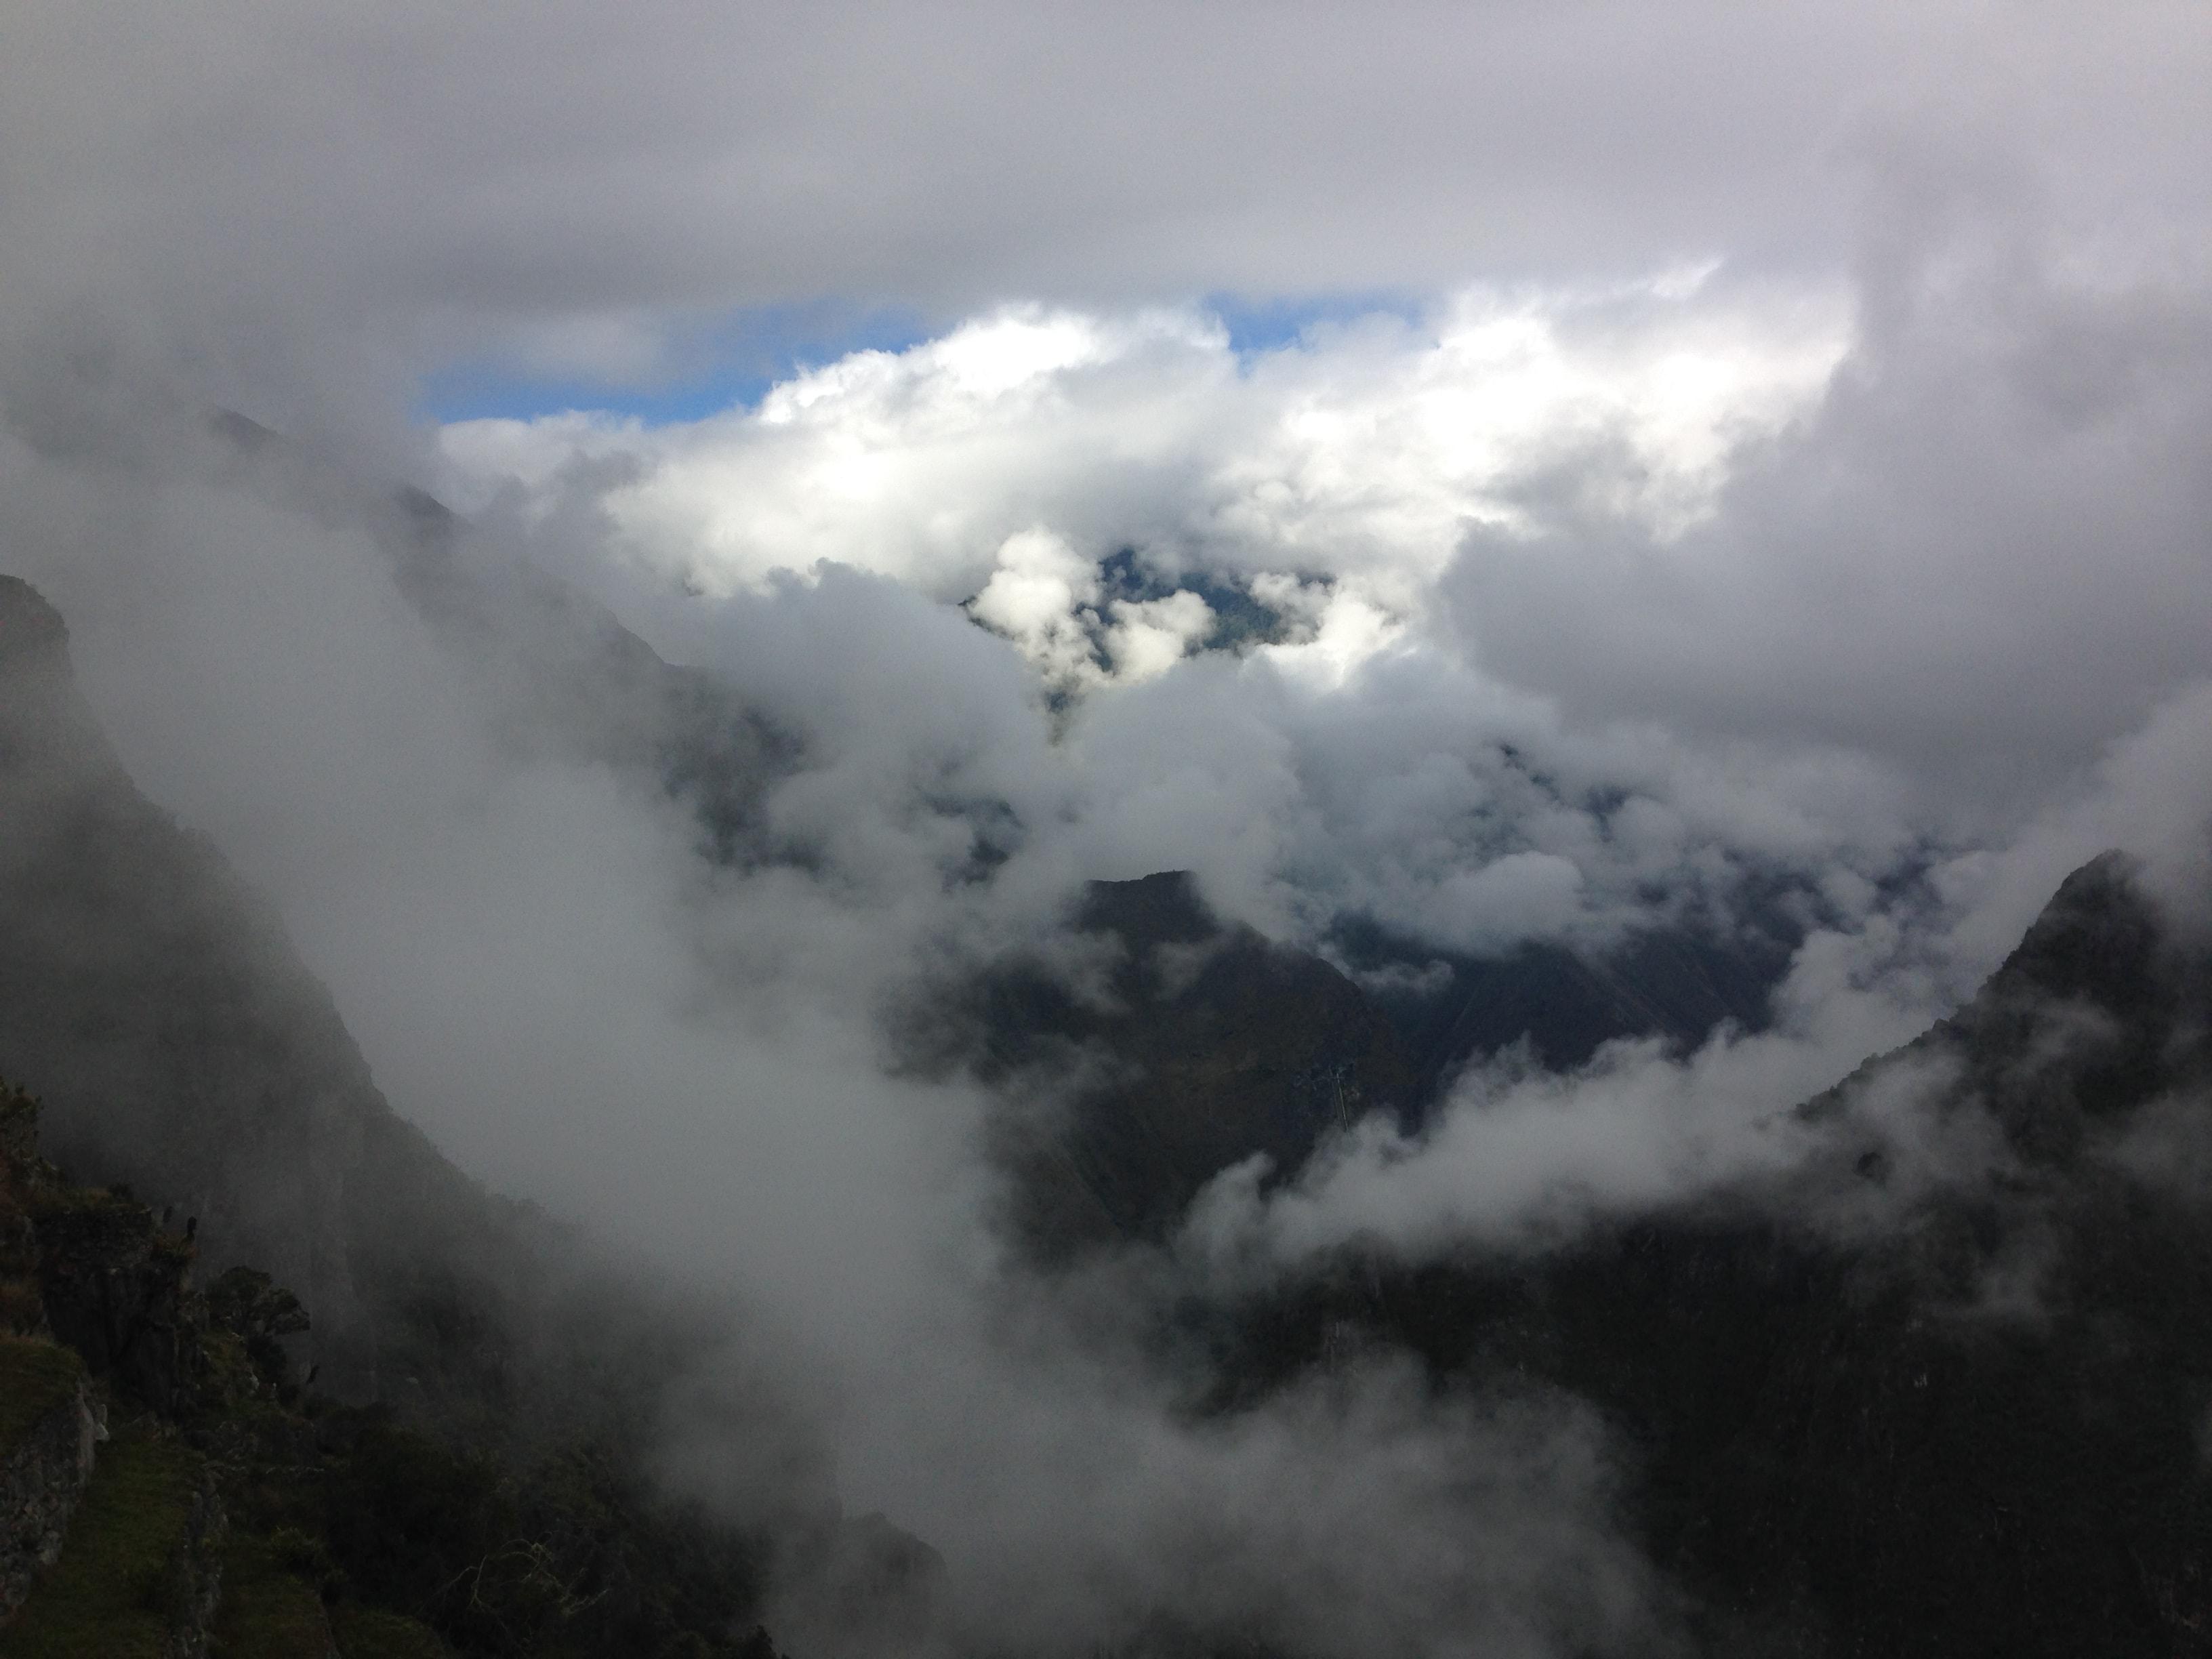 Machu Picchu'ya Tırmanırken - Machu Picchu Hakkında Bilgiler